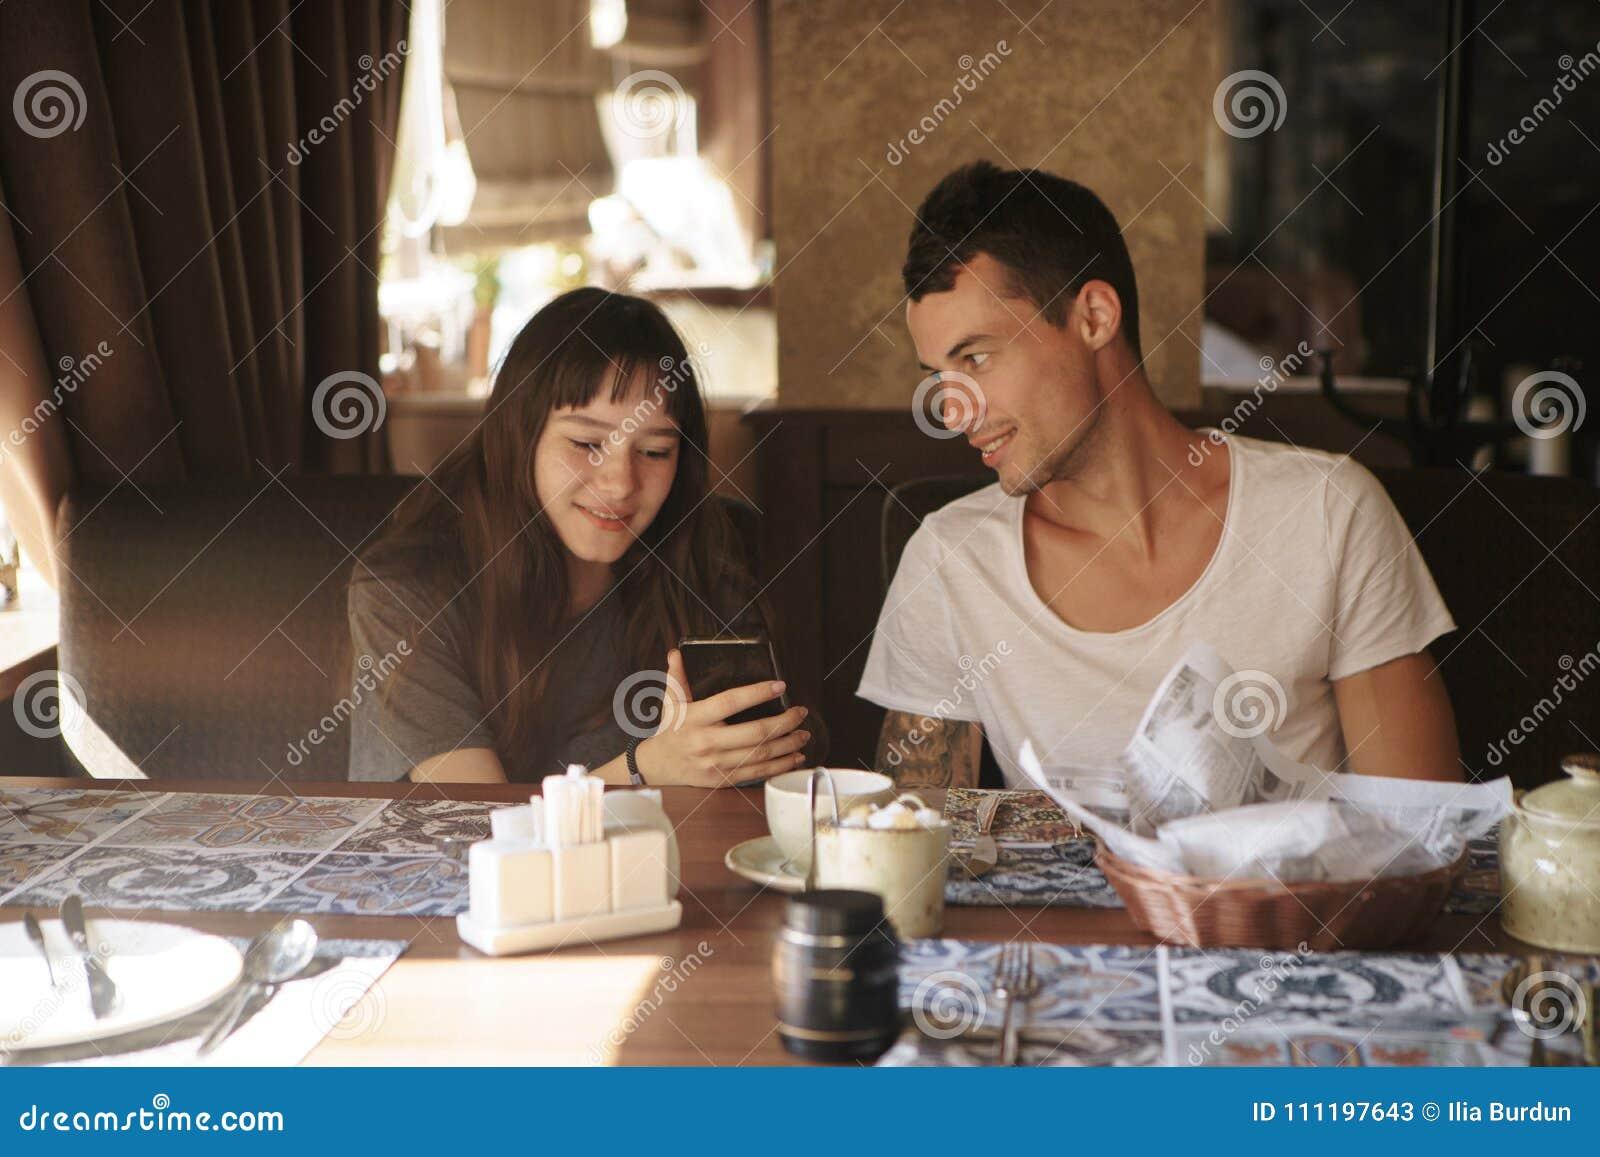 Leute, Technologie, Lebensstil und Datierungskonzept - glückliches Paar mit Smartphone trinkendem Kaffee und Smoothie am Café